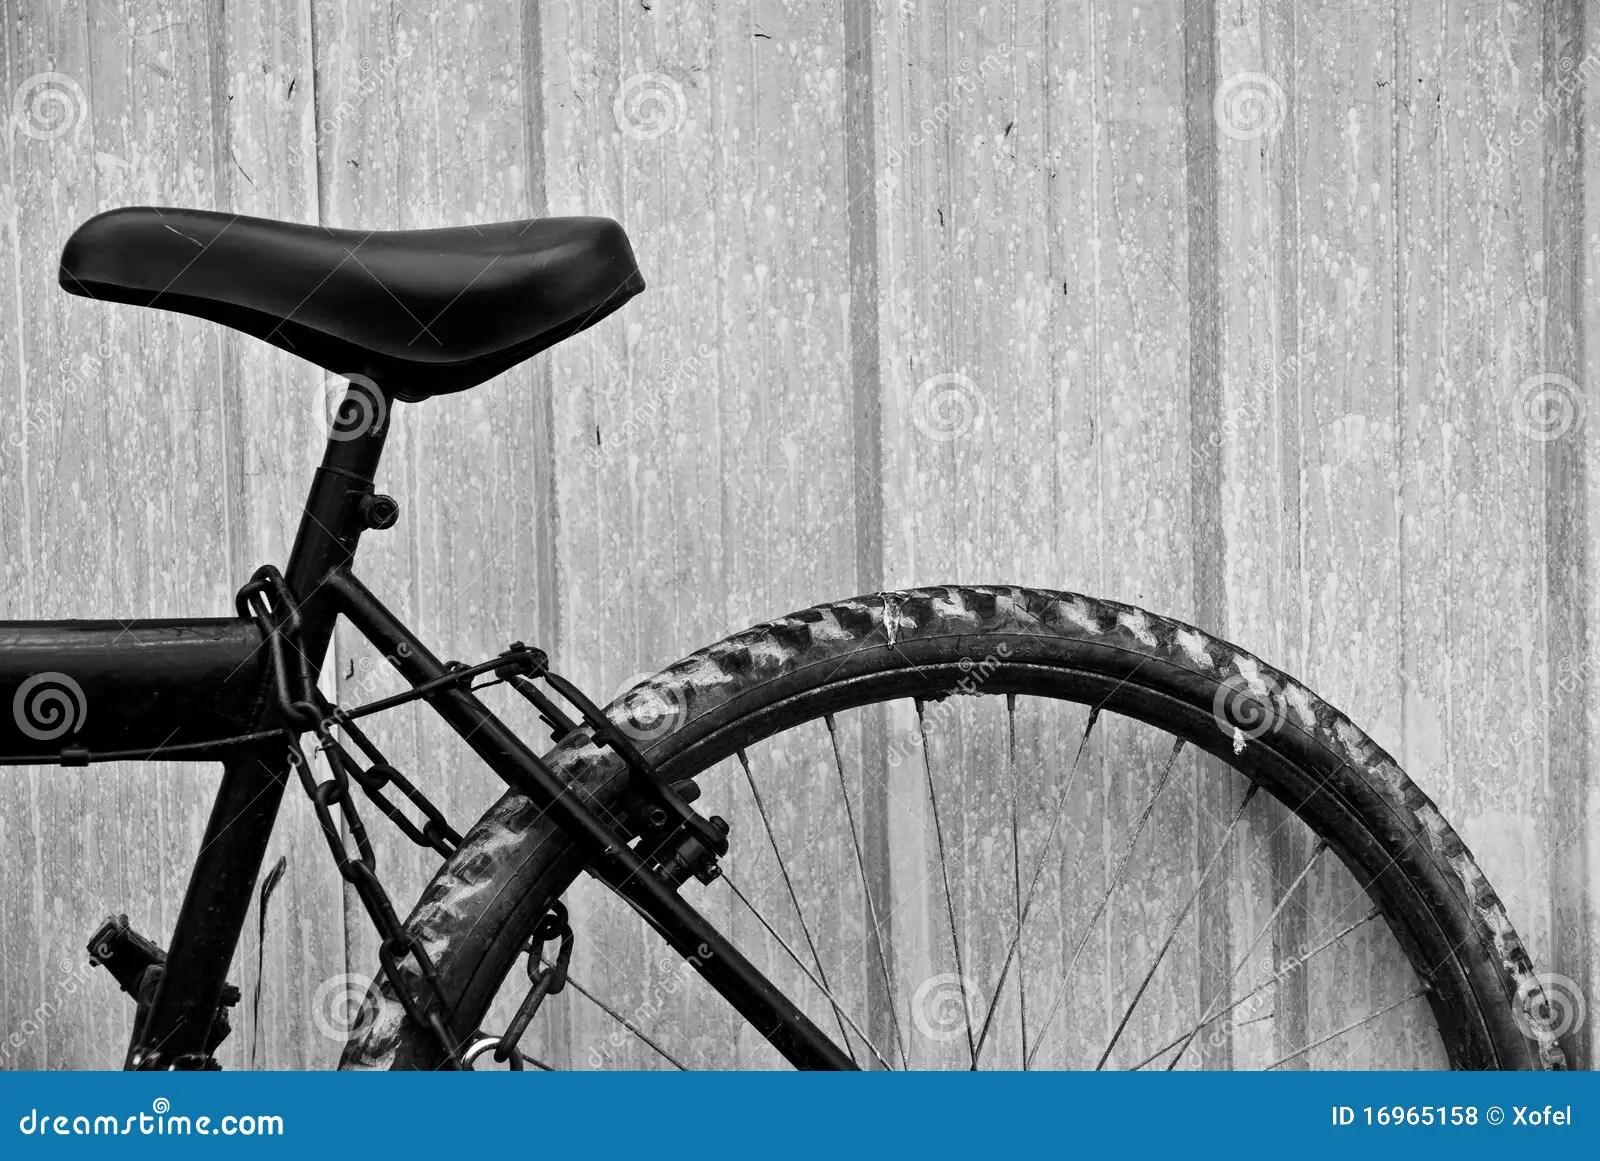 Fahrrad Lackieren Lassen fahrrad lackieren lassen berlin